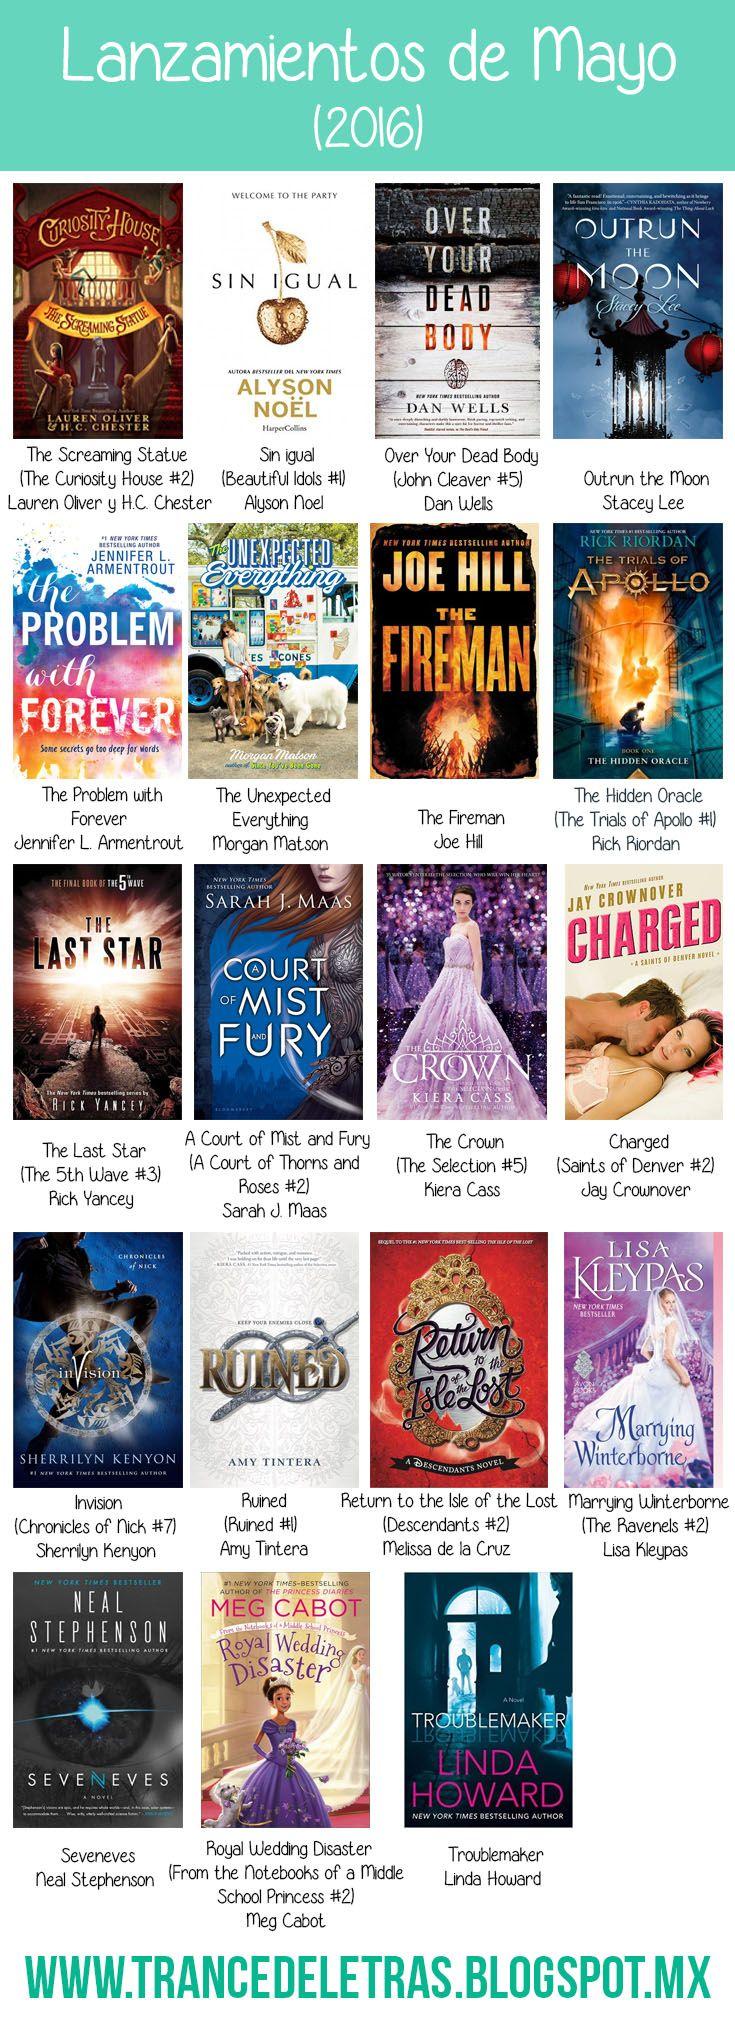 Lanzamientos literarios destacados para el mes de Mayo del 2016